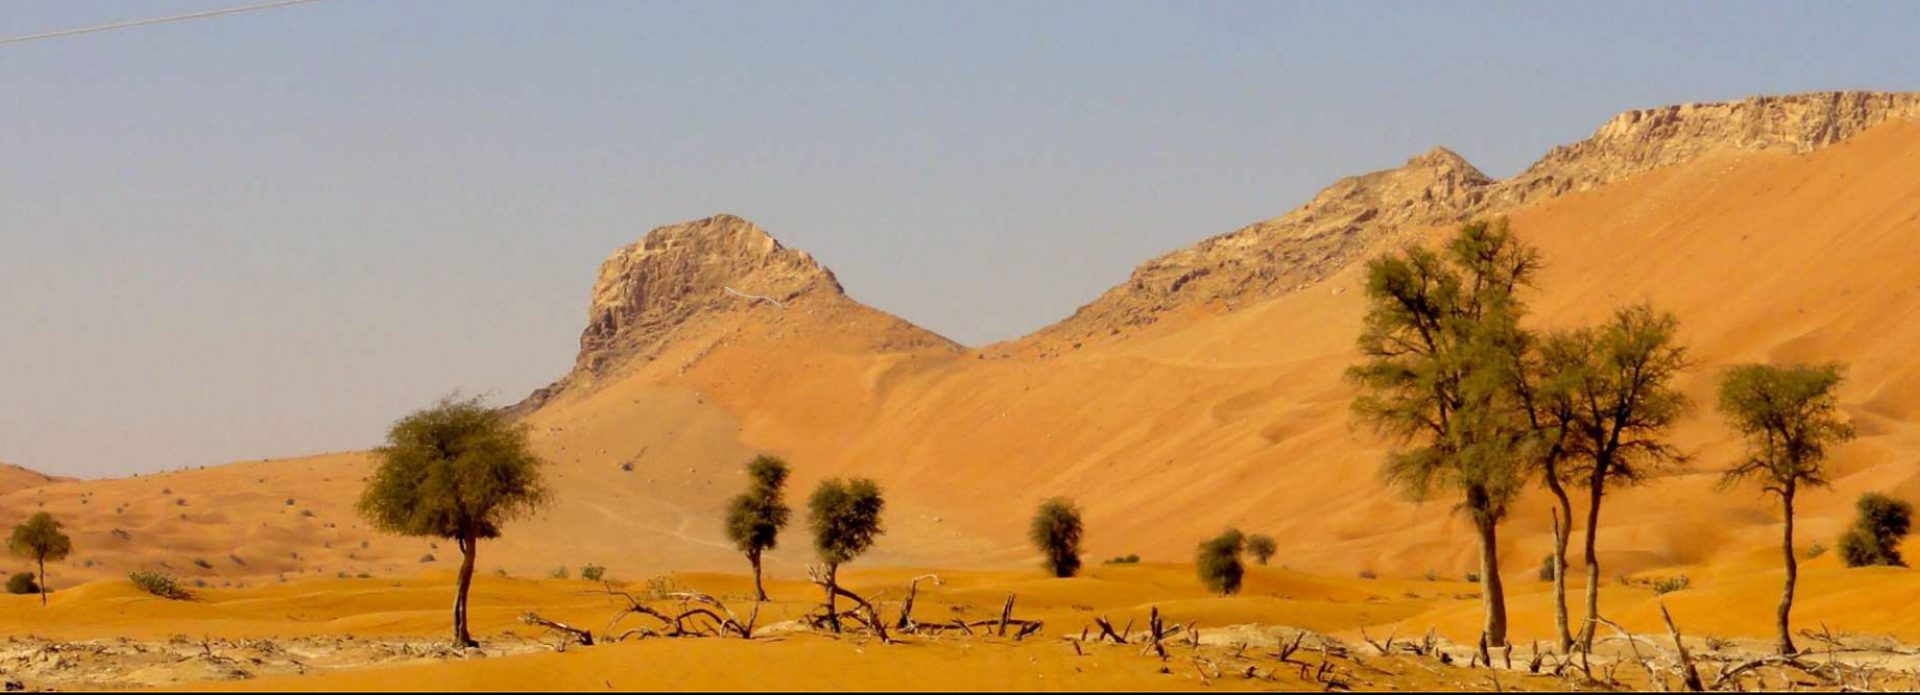 Jebel Faya. Wie der Kamm eines riesigen Reptils ragt das umgangssprachlich Fossil Rock genannte Massiv aus dem Wüstensand.